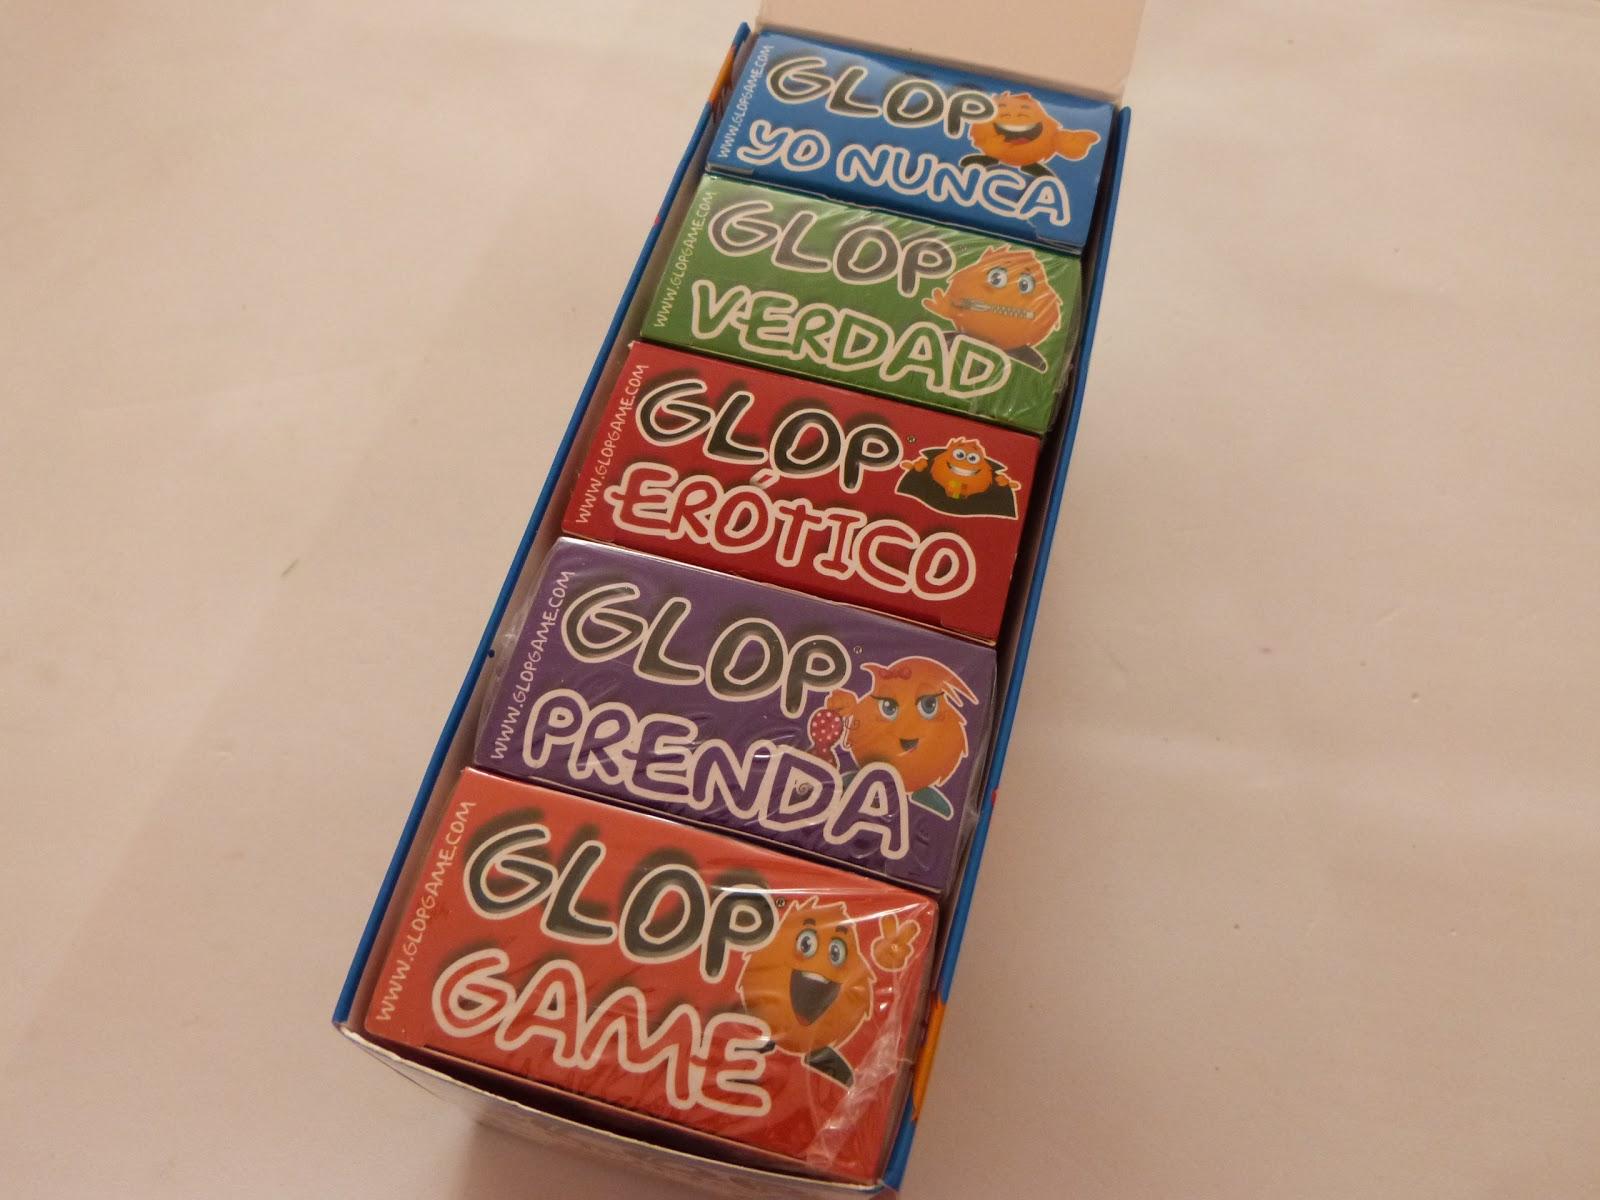 6edd462de El juego consta de 5 barajas, puedes adquirir el pack entero como el que te  enseño yo o si lo prefieres puedes comprar las barajas por separado, ...